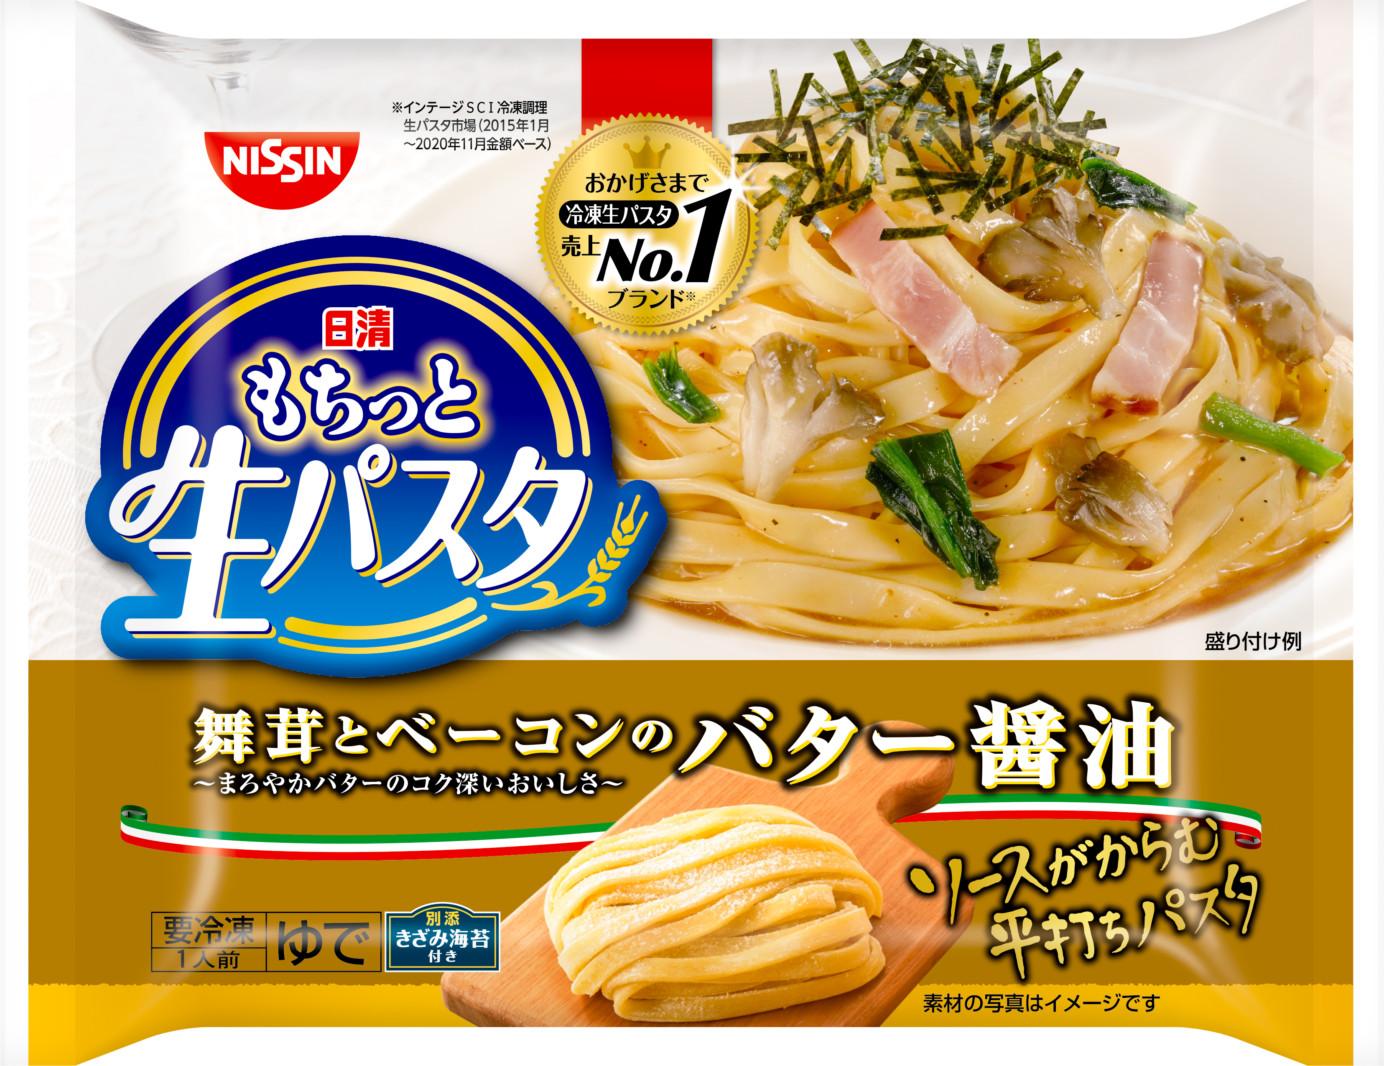 冷凍日清もちっと生パスタ、新商品は「バター醤油」、醤油味新商品では「冷凍日清スパ王プレミアム サーモンの香味醤油」も絶品♪